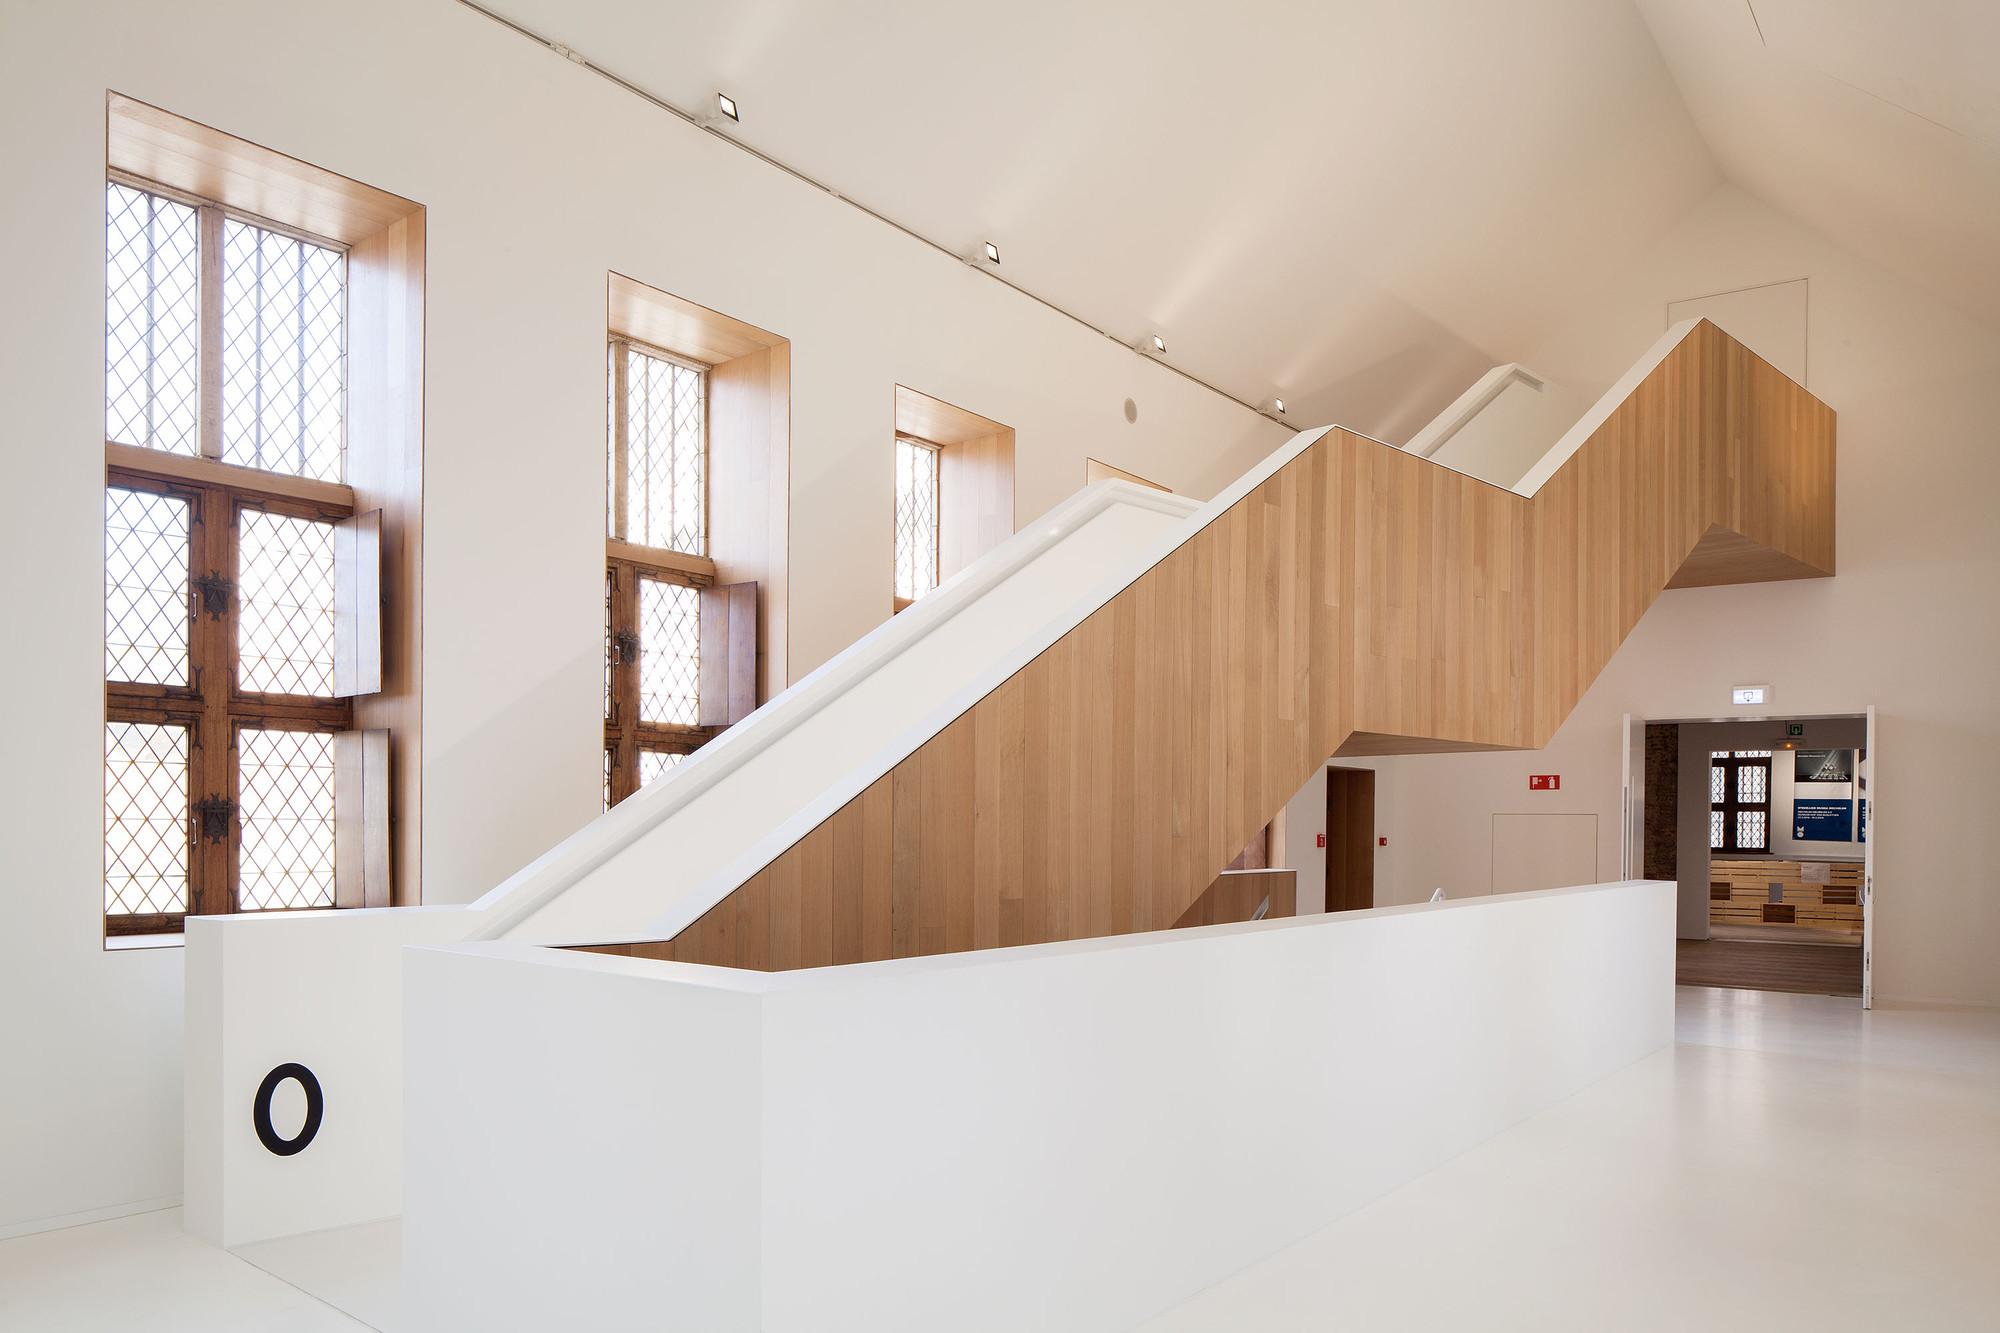 Renewal 'Stedelijk Museum | dmvA Architecten